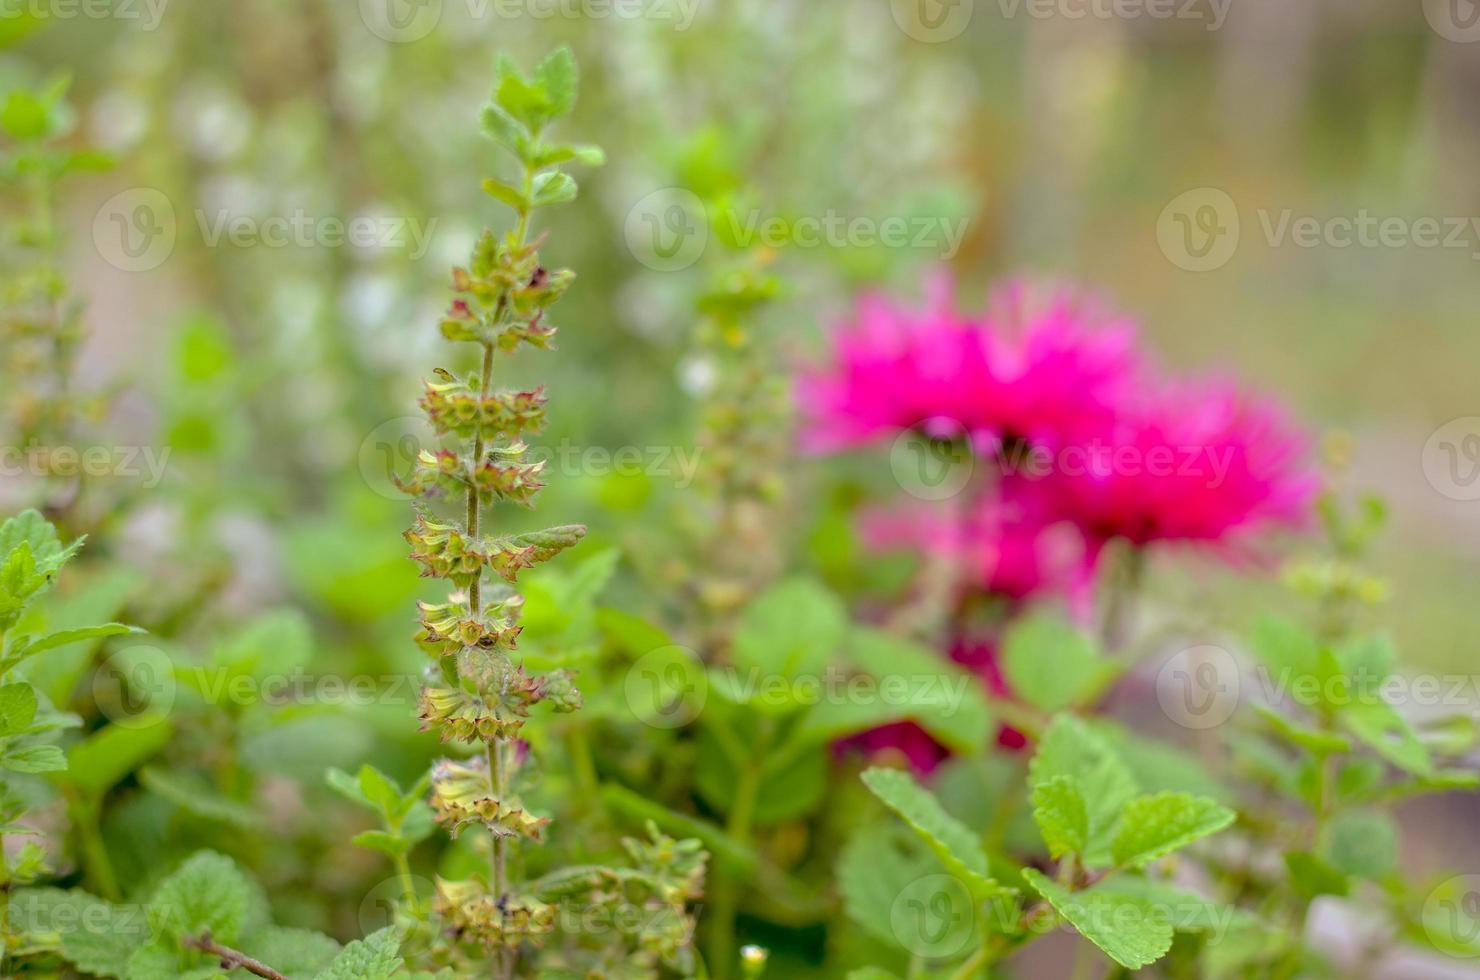 primo piano fiore rosa sul giardino in ucraina foto